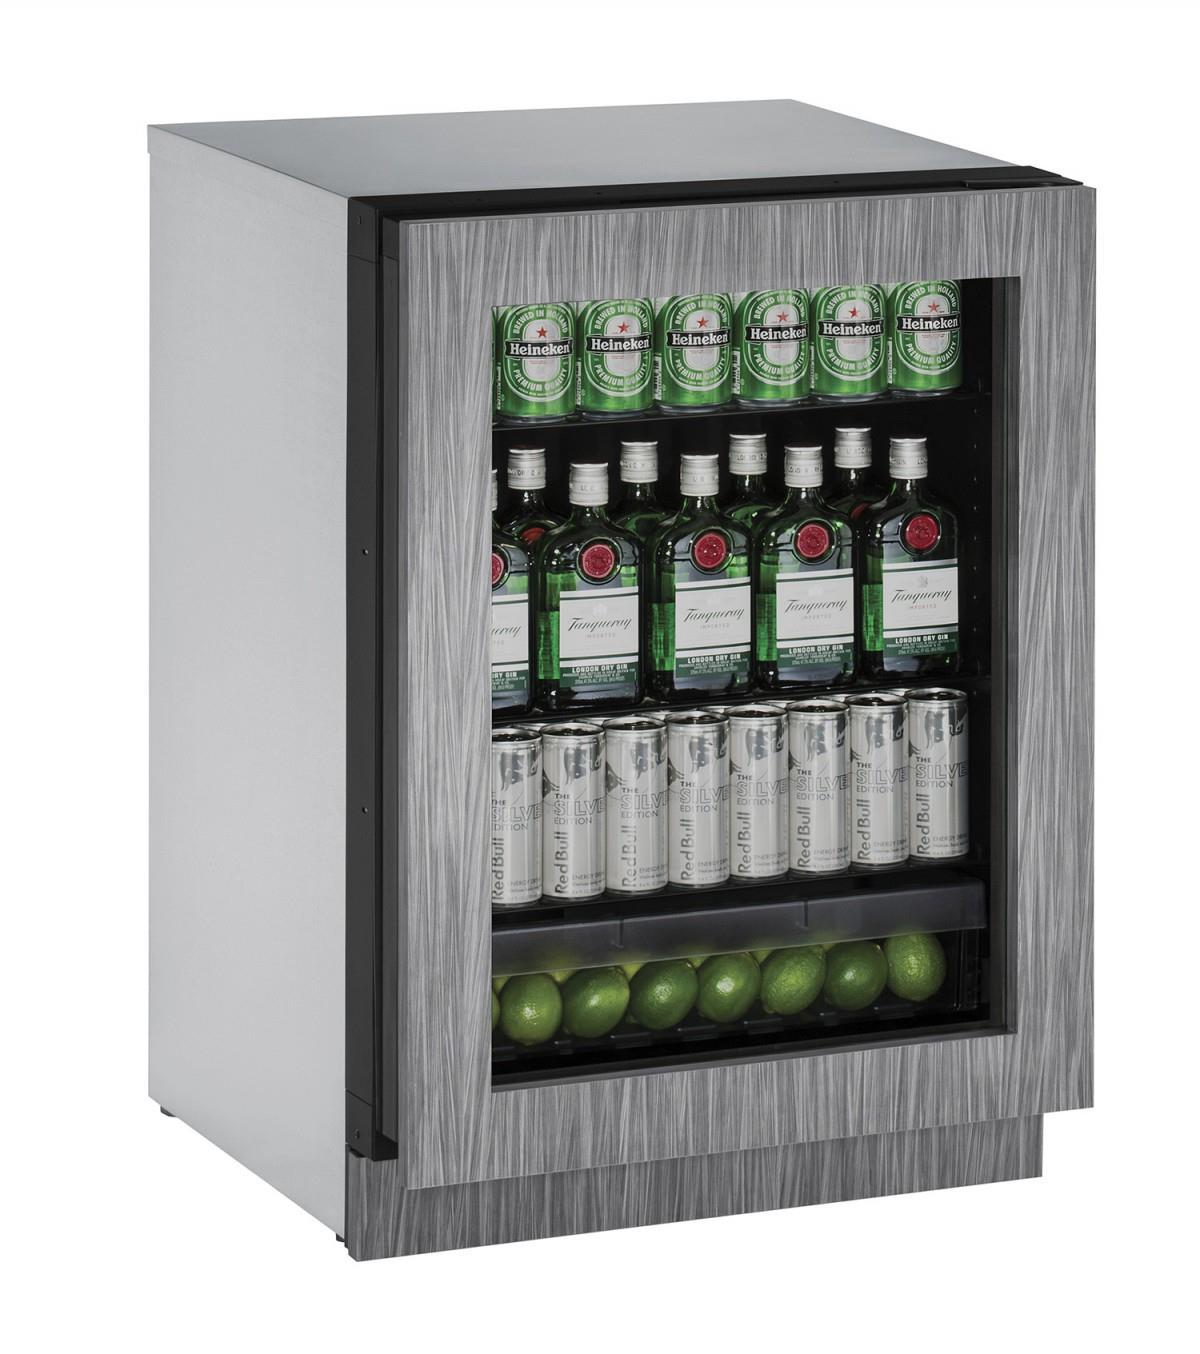 U-Line Refrigerators 4.9 Cu. Ft. 2000 Series Compact Refrigerator - Item Number: U-2224RGLINT-00A